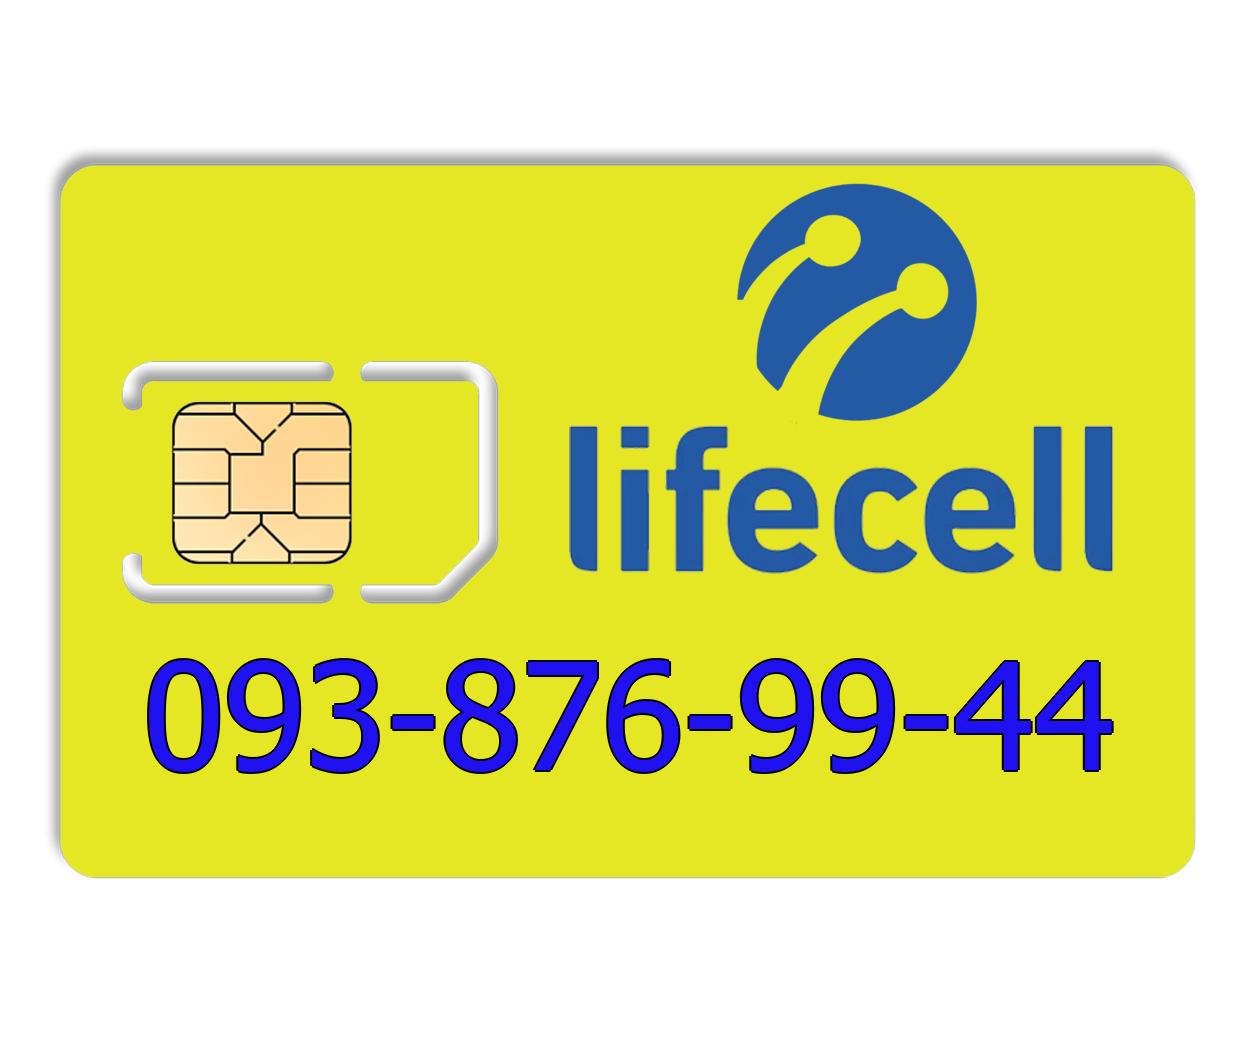 Красивый номер lifecell 093-876-99-44